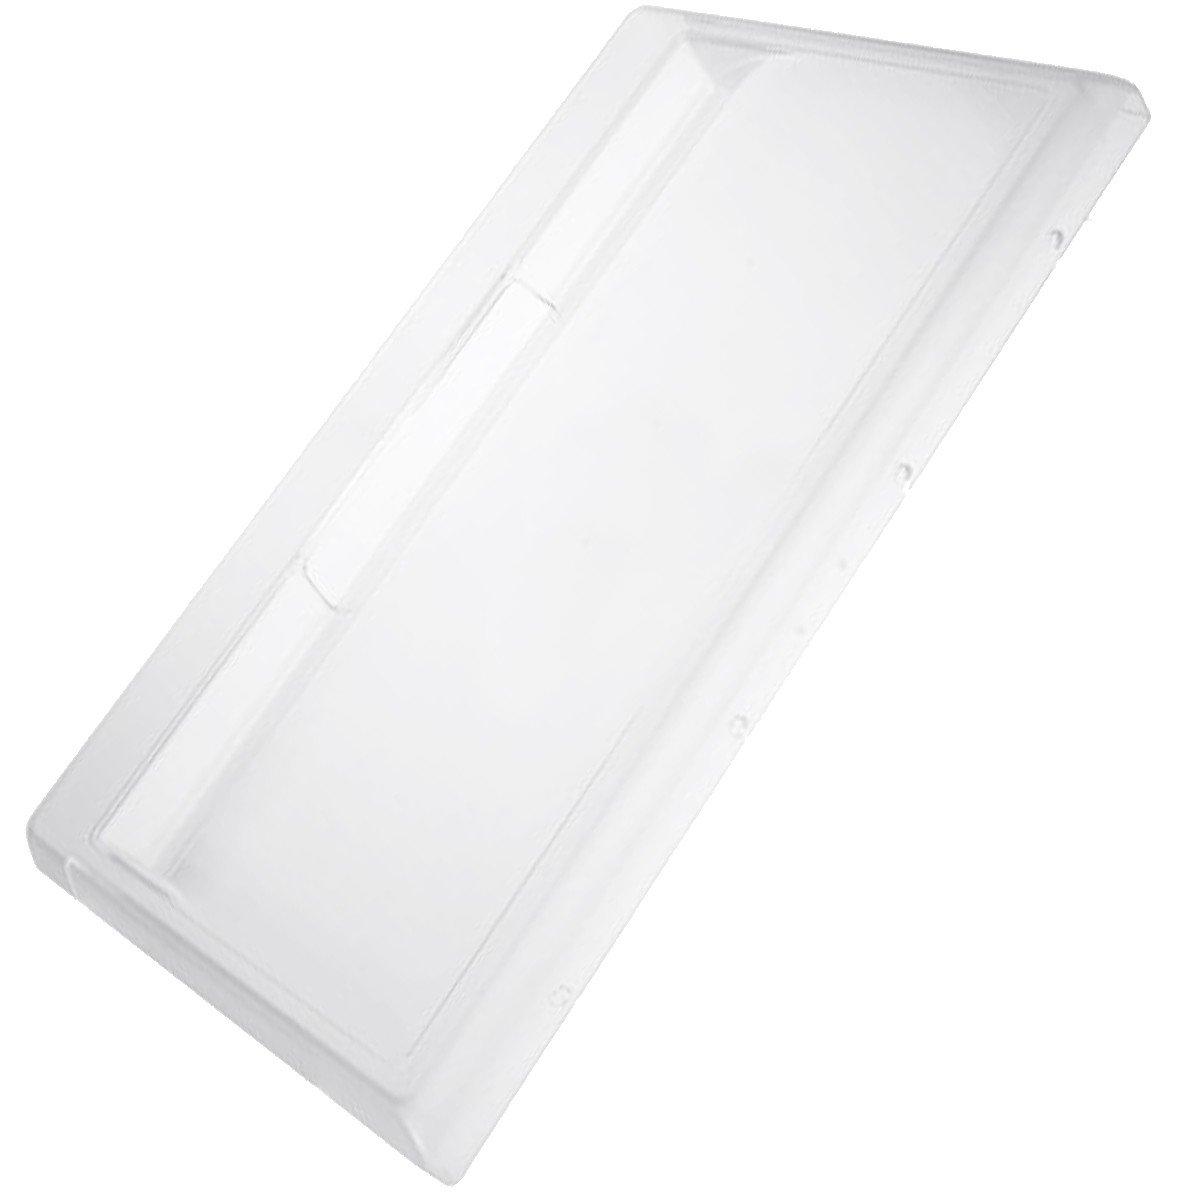 Facade de cajón 24 cm x 43 cm - Frigorífico, congelador - Ariston ...